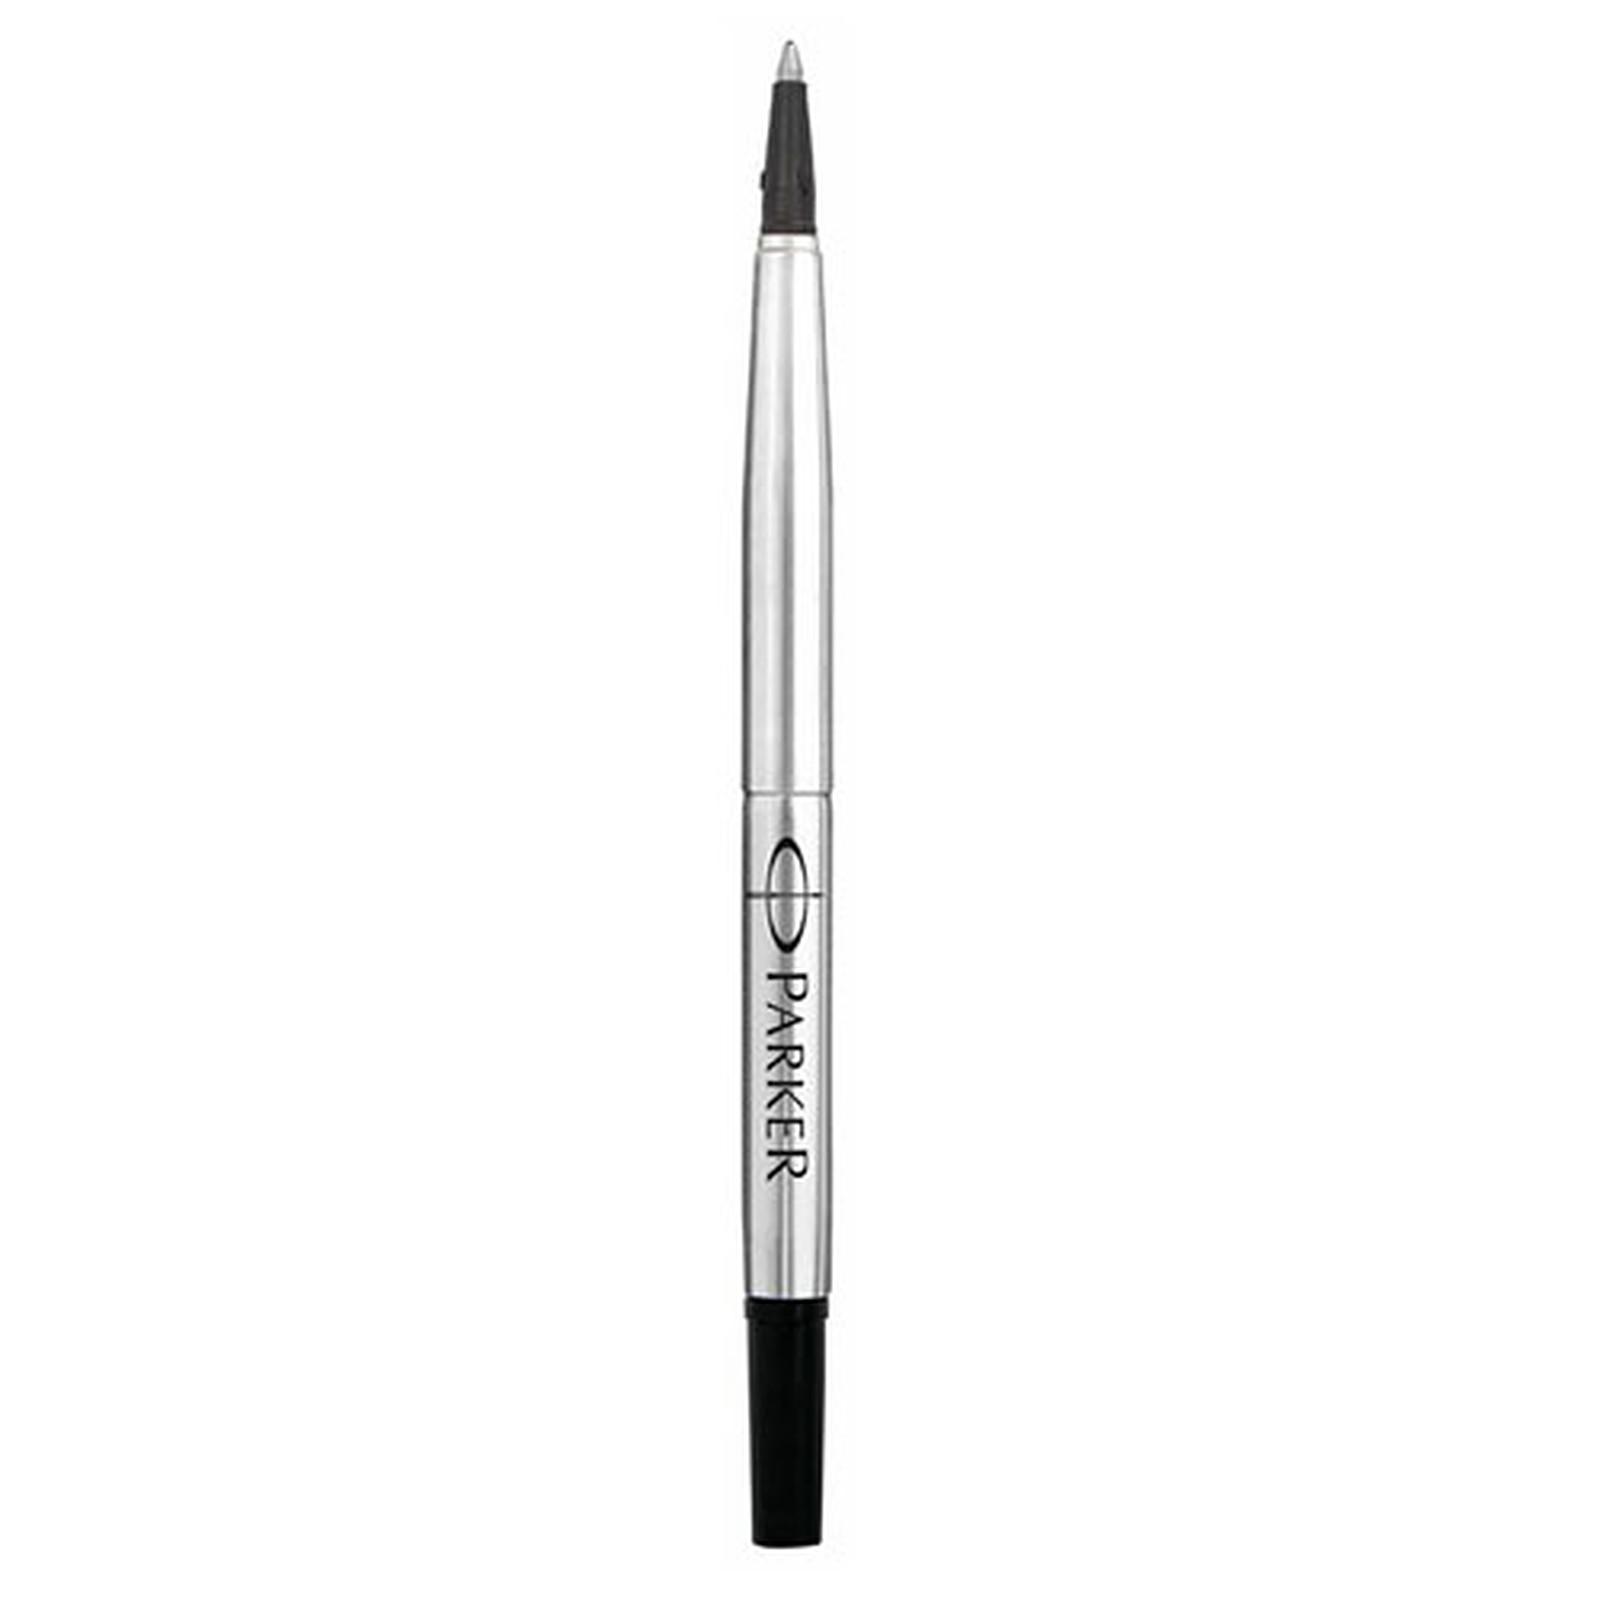 parker recharge stylo roller pointe moyenne noire stylo feutre parker sur. Black Bedroom Furniture Sets. Home Design Ideas